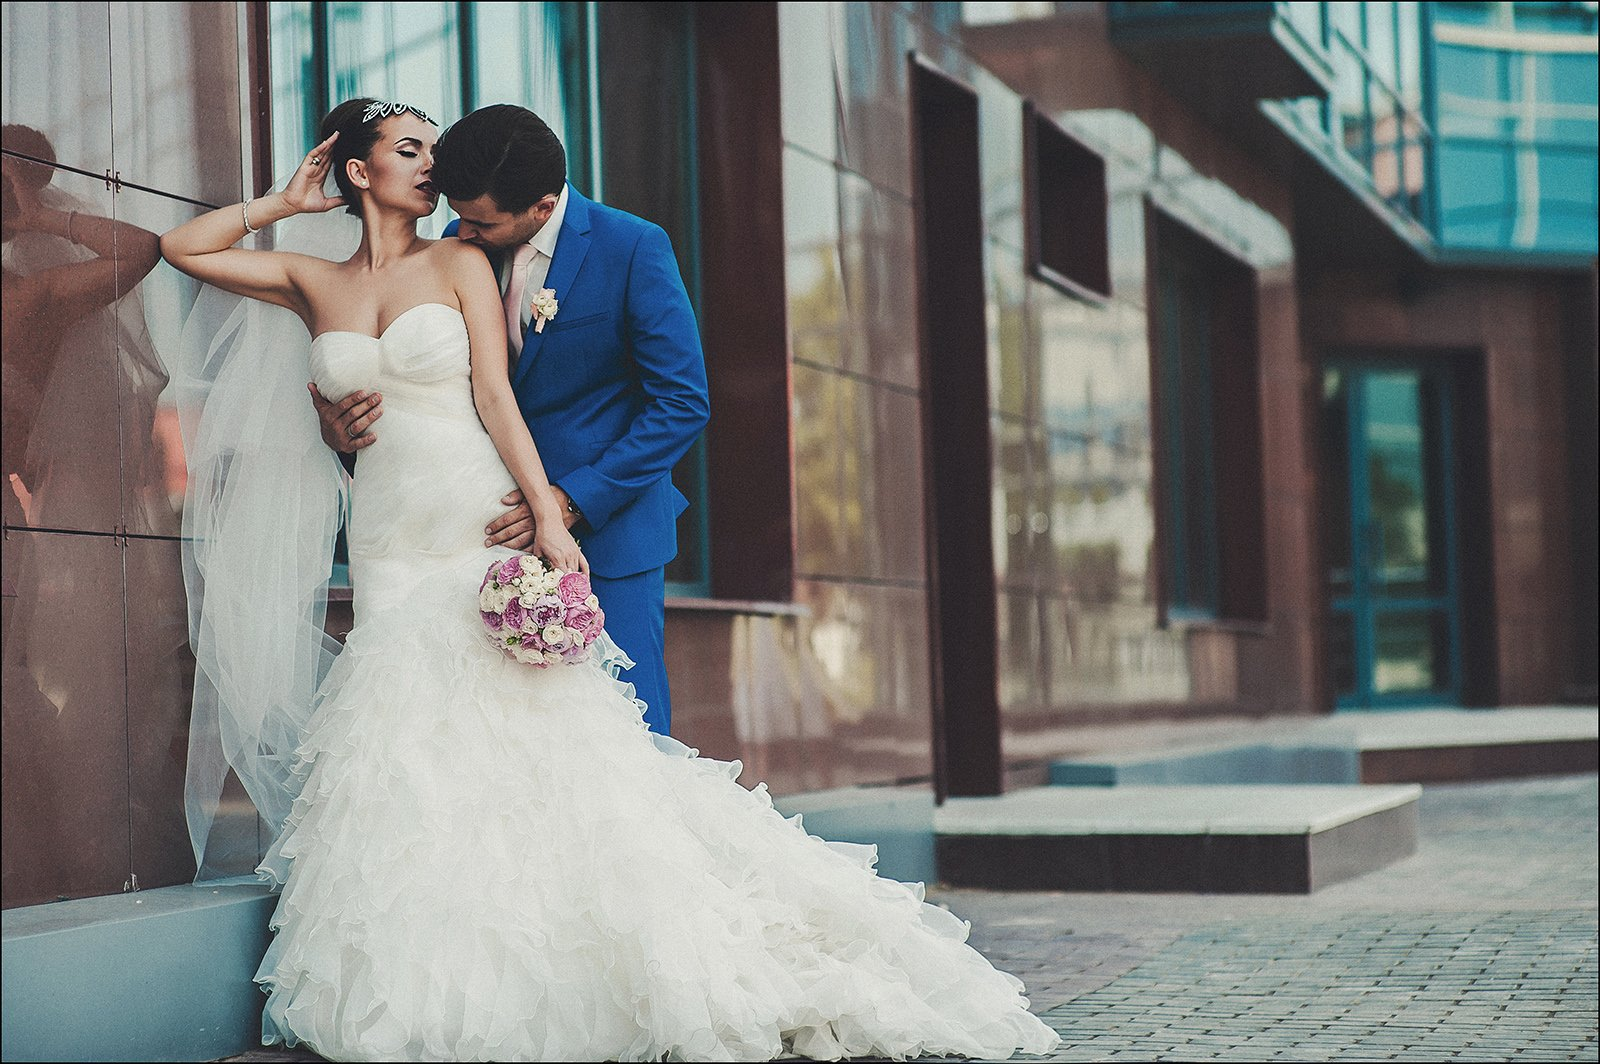 представлены фото свадьбы из уфы лет после